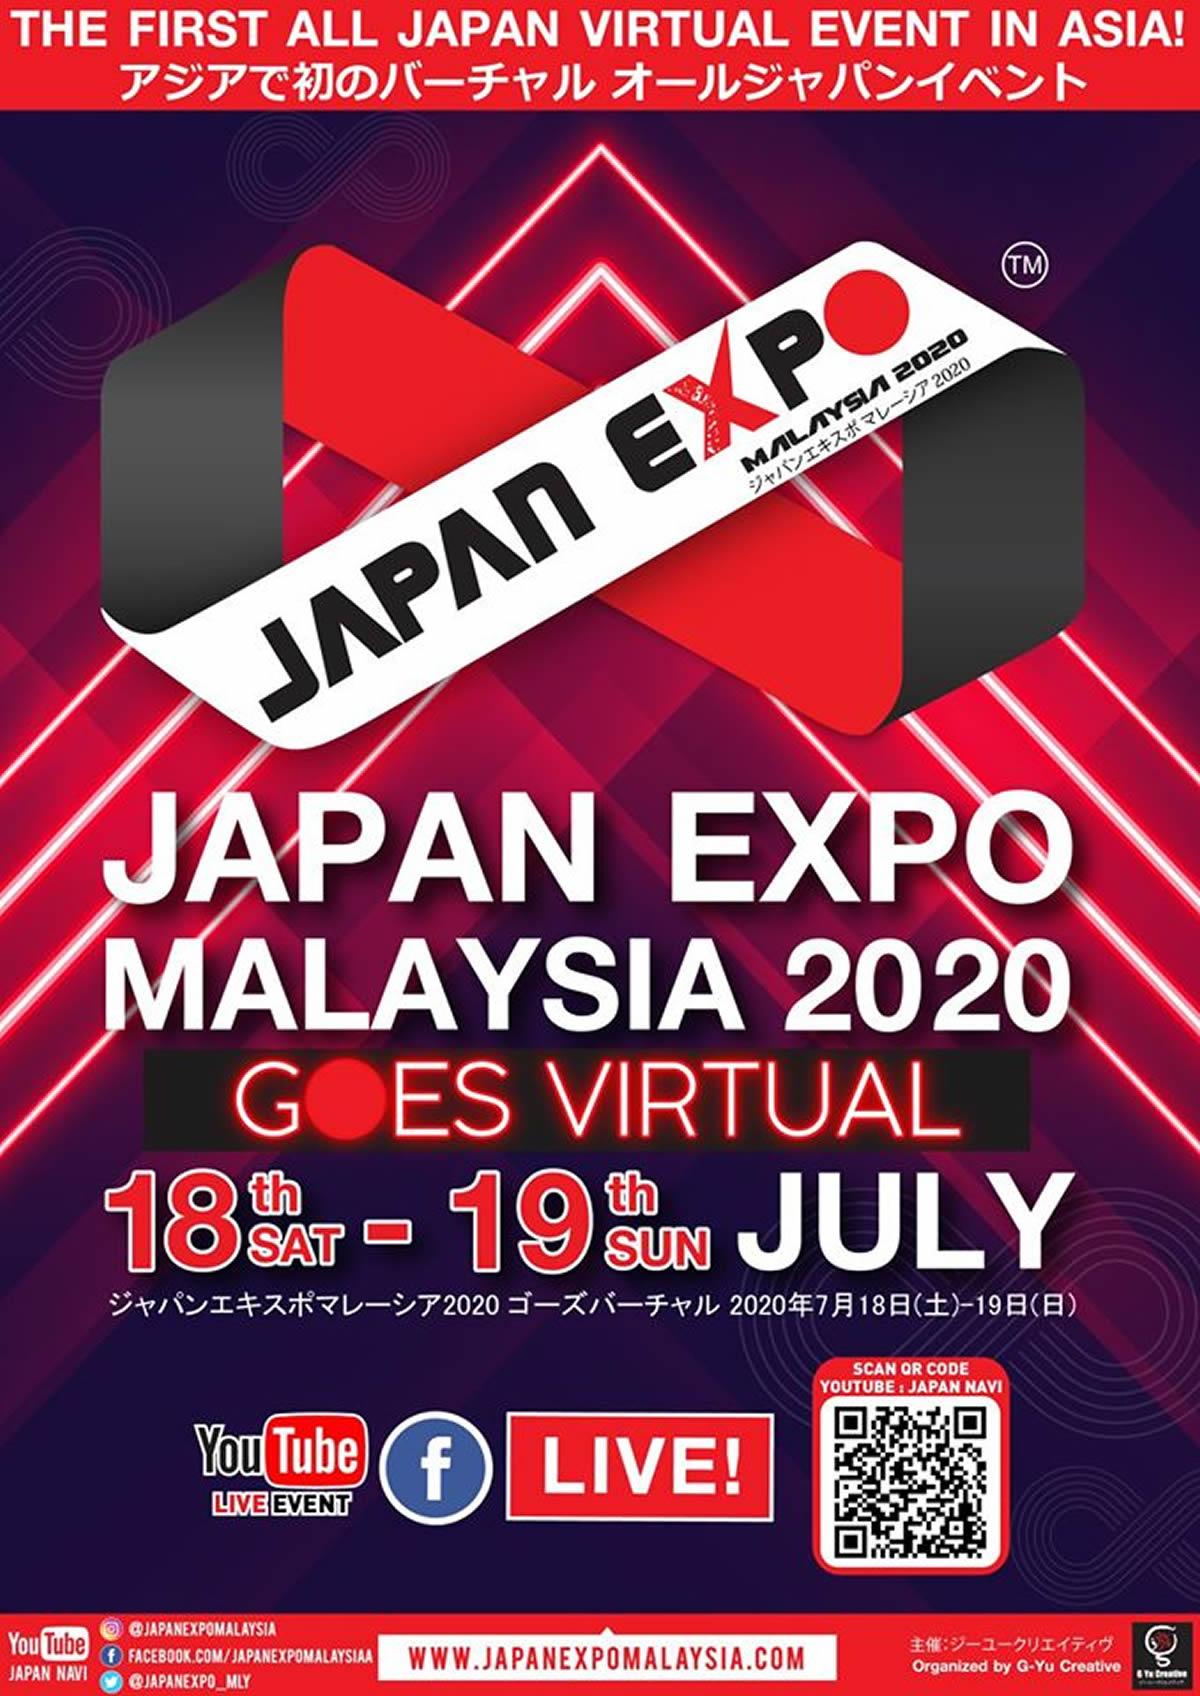 「ジャパンエキスポマレーシア 2020」はバーチャルで開催